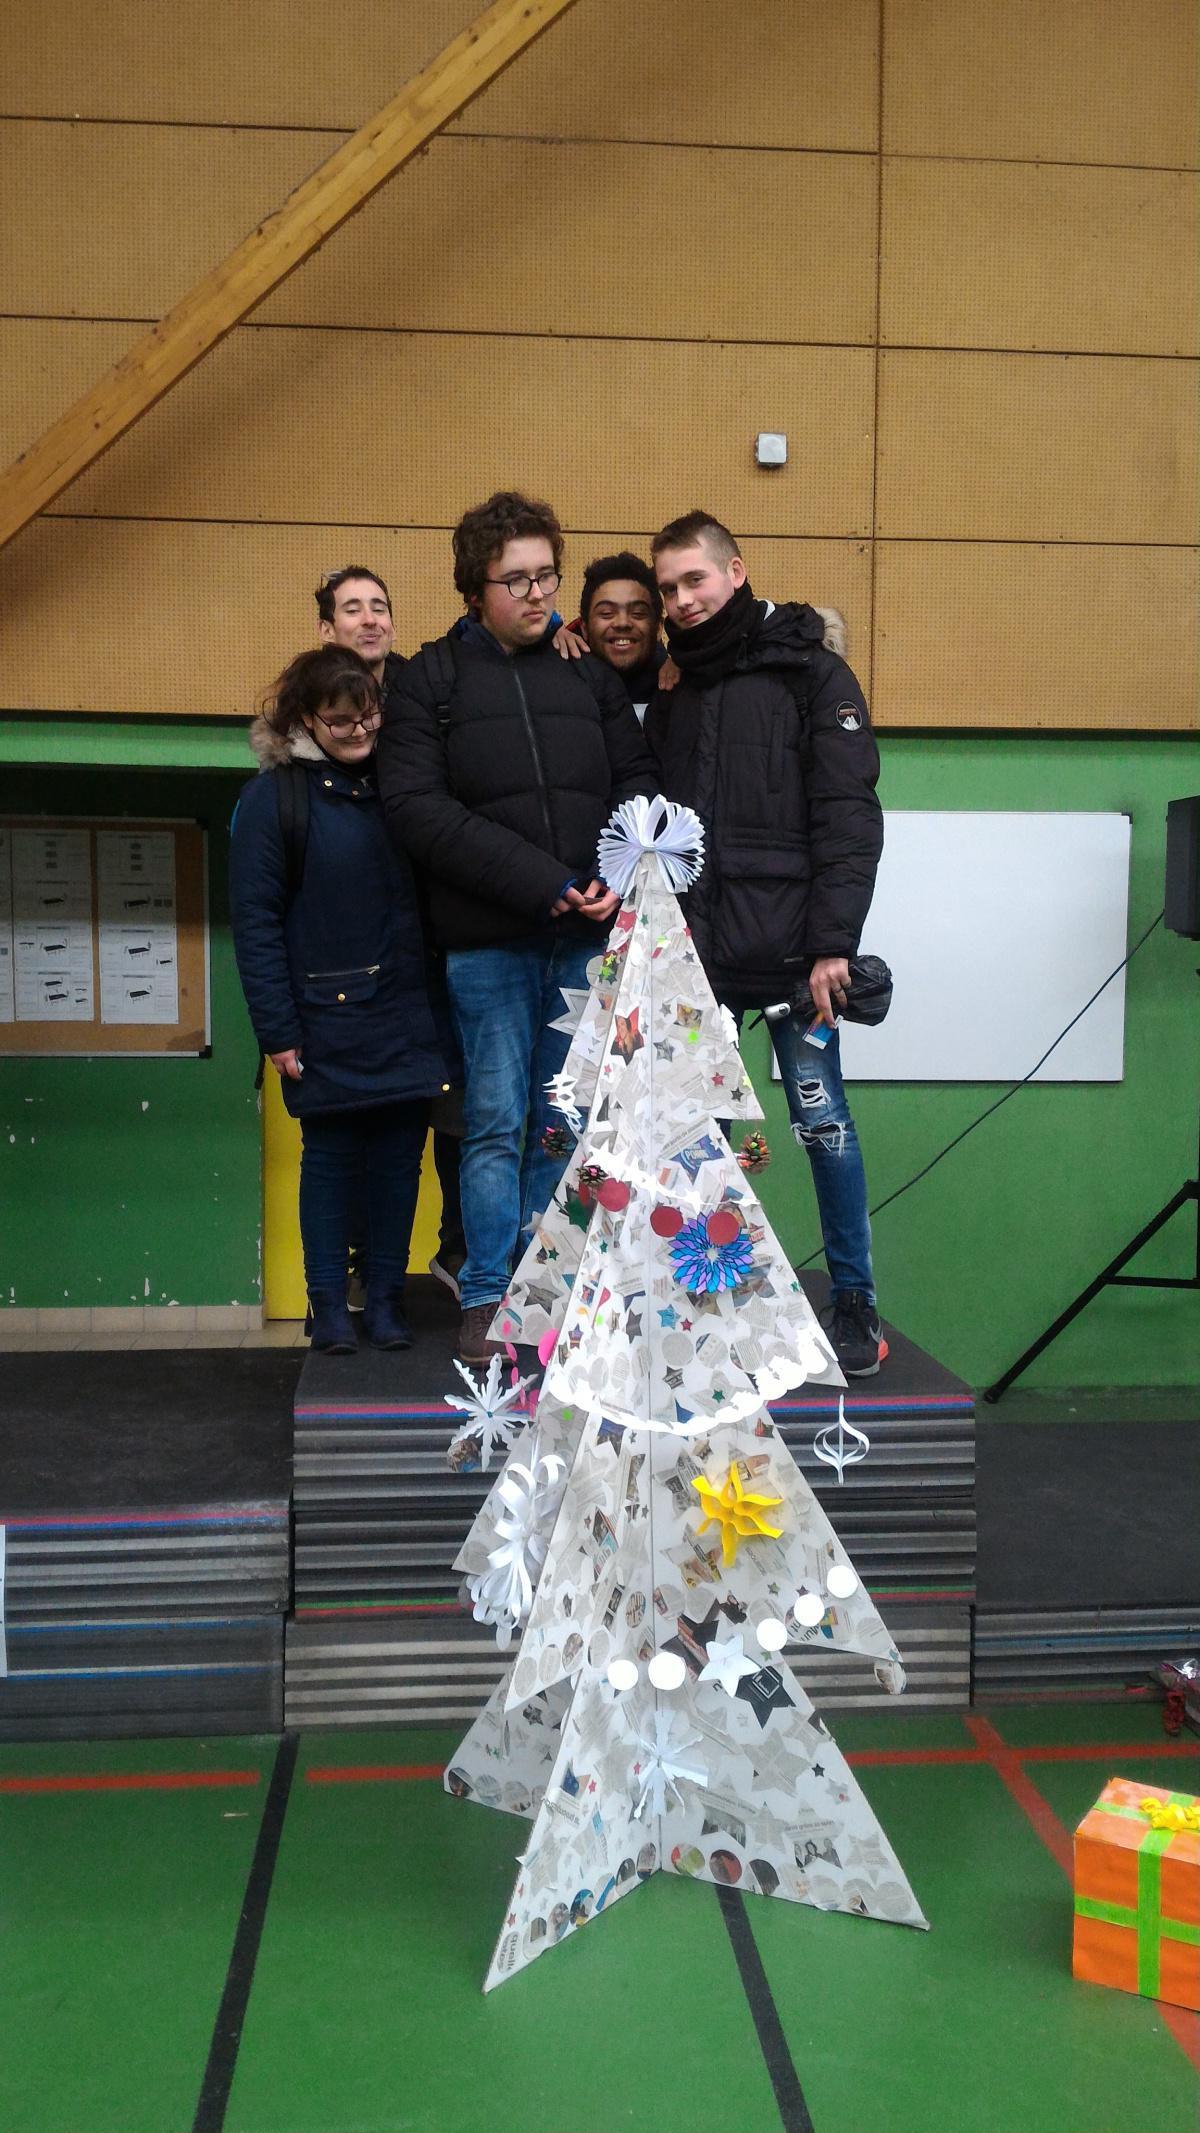 Mois de la solidarité - Lycée Saint Georges